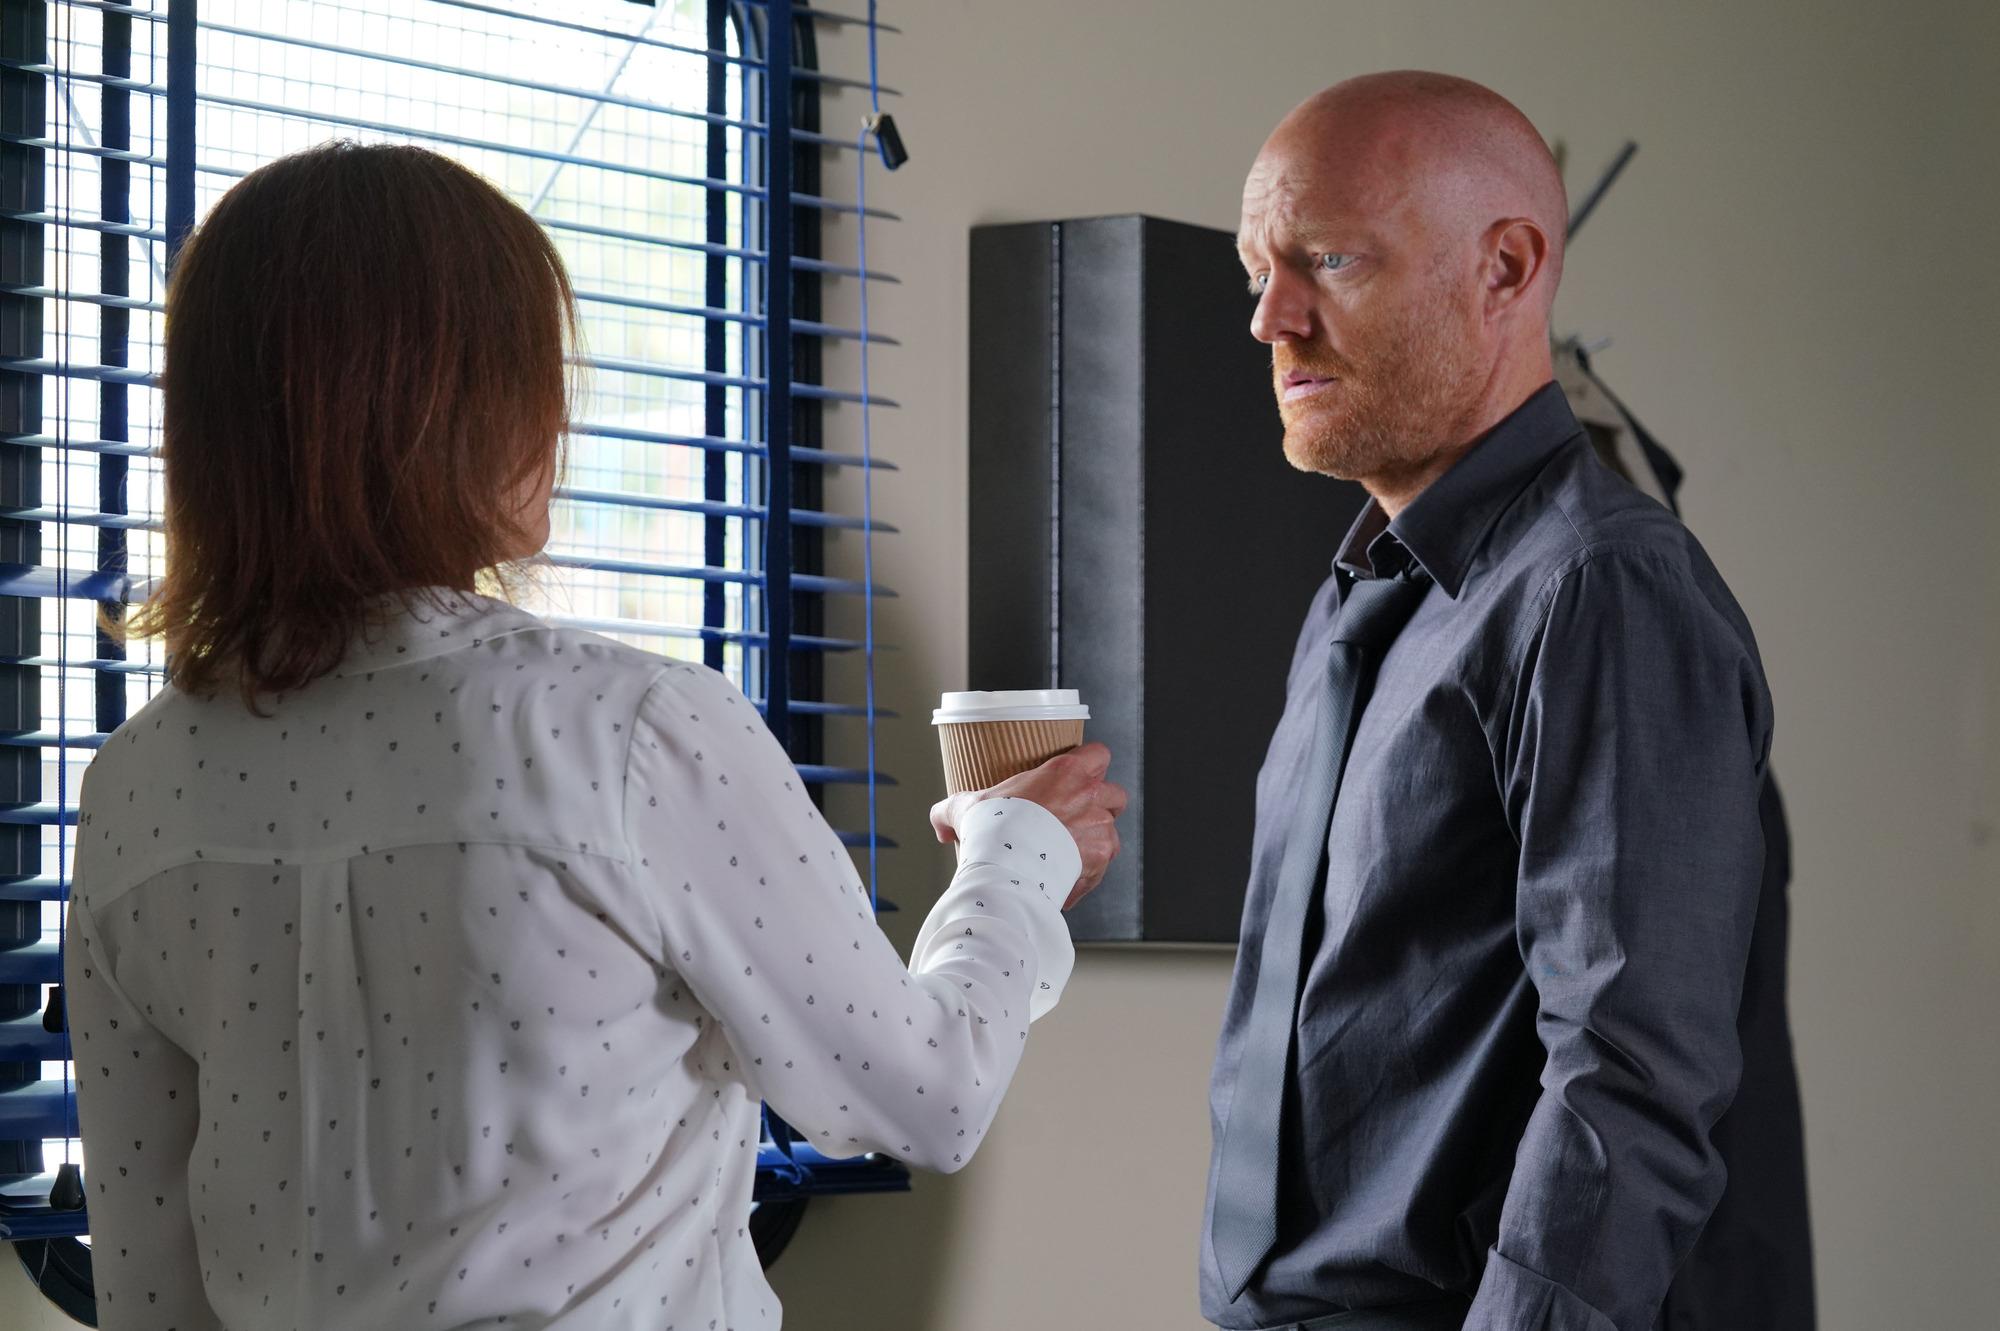 Rainie and Max hide their plan in EastEnders